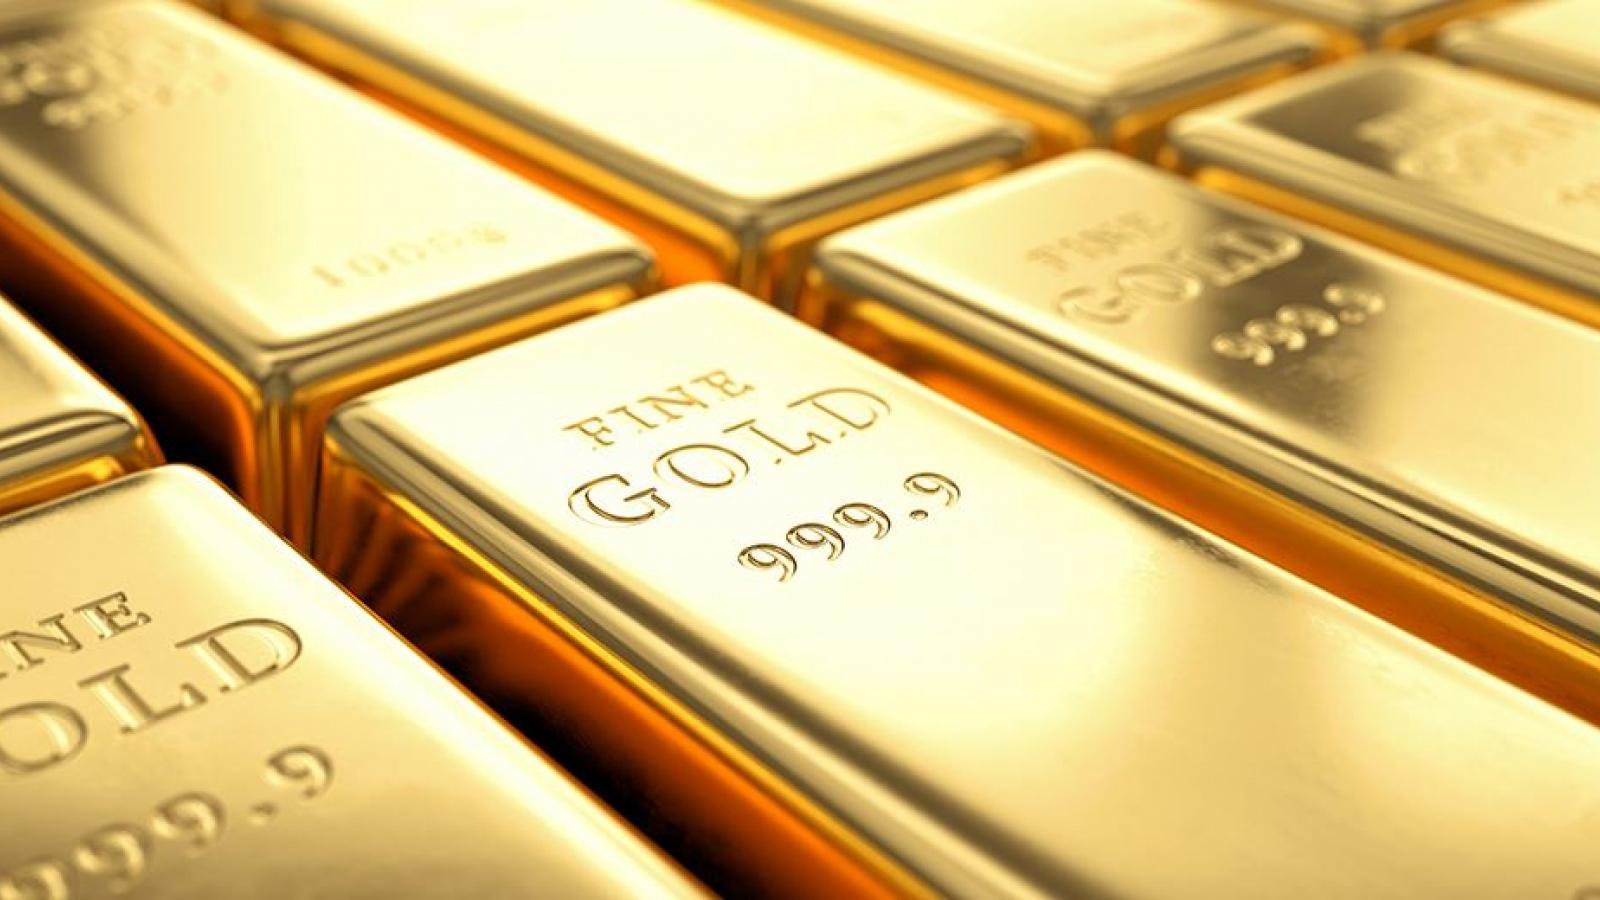 Giá vàng dự báo tiếp tục tăng sau khi vượt mốc 1.800 USD/oz